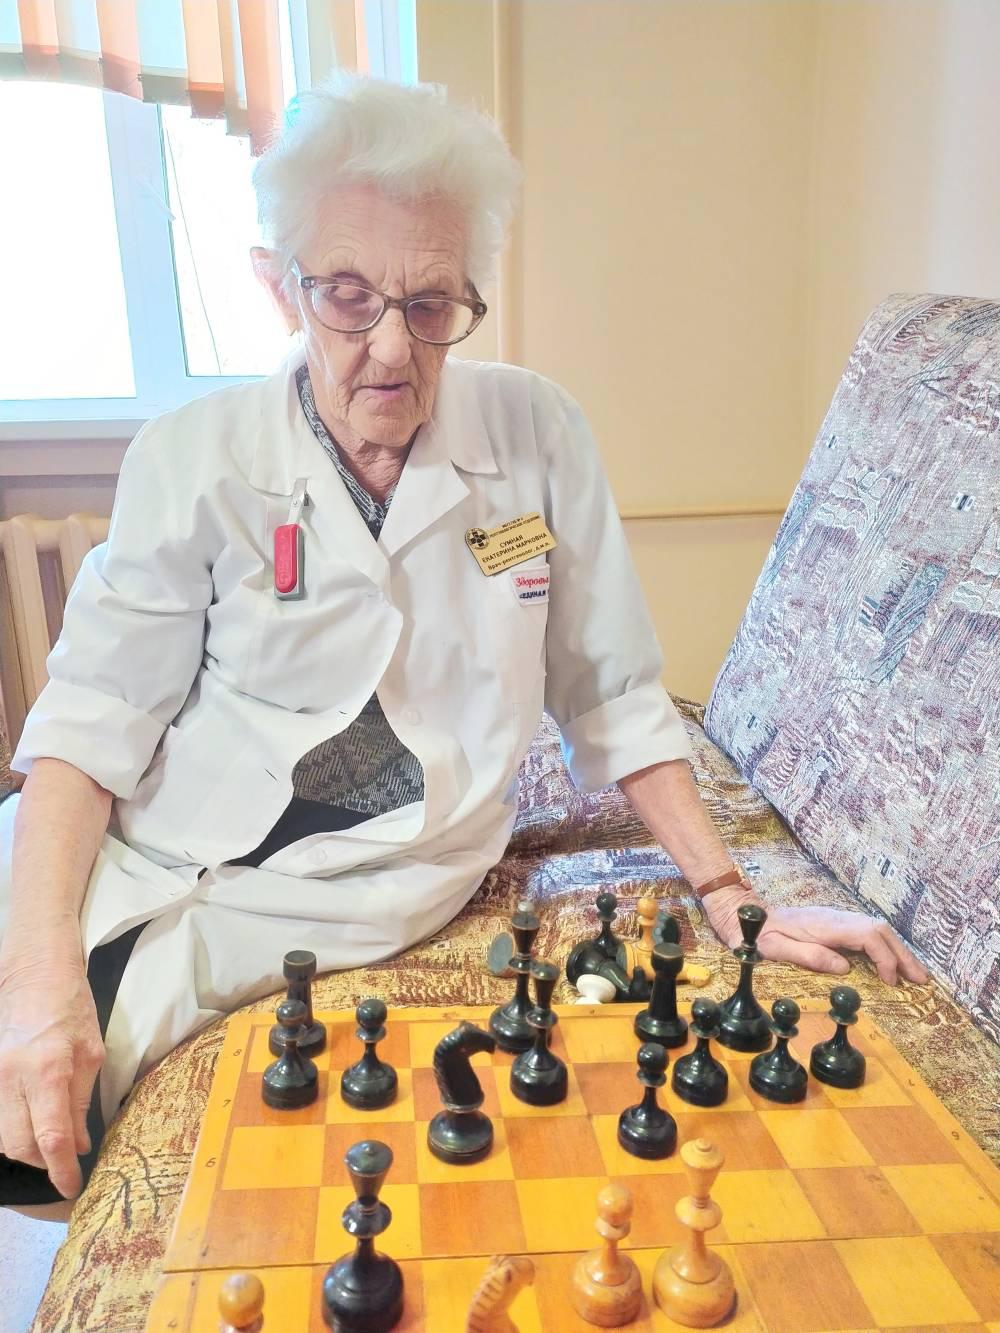 Шахматы - увлечение на всю жизнь.